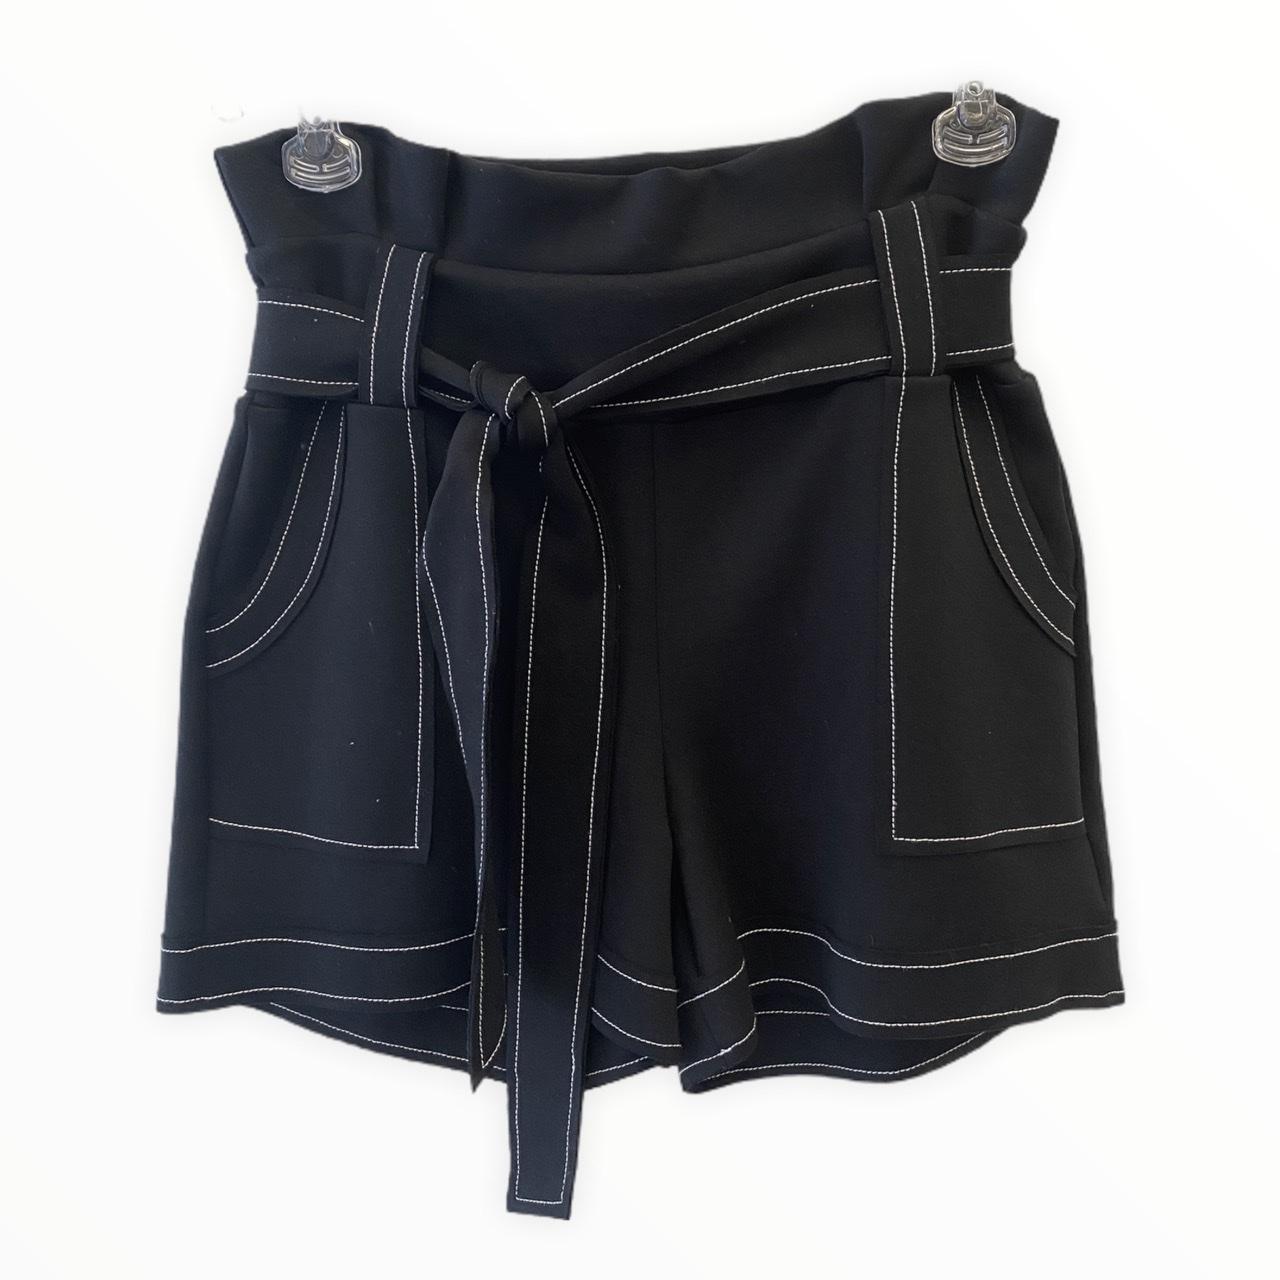 Shorts em neoprene preto pesponto branco com faixa